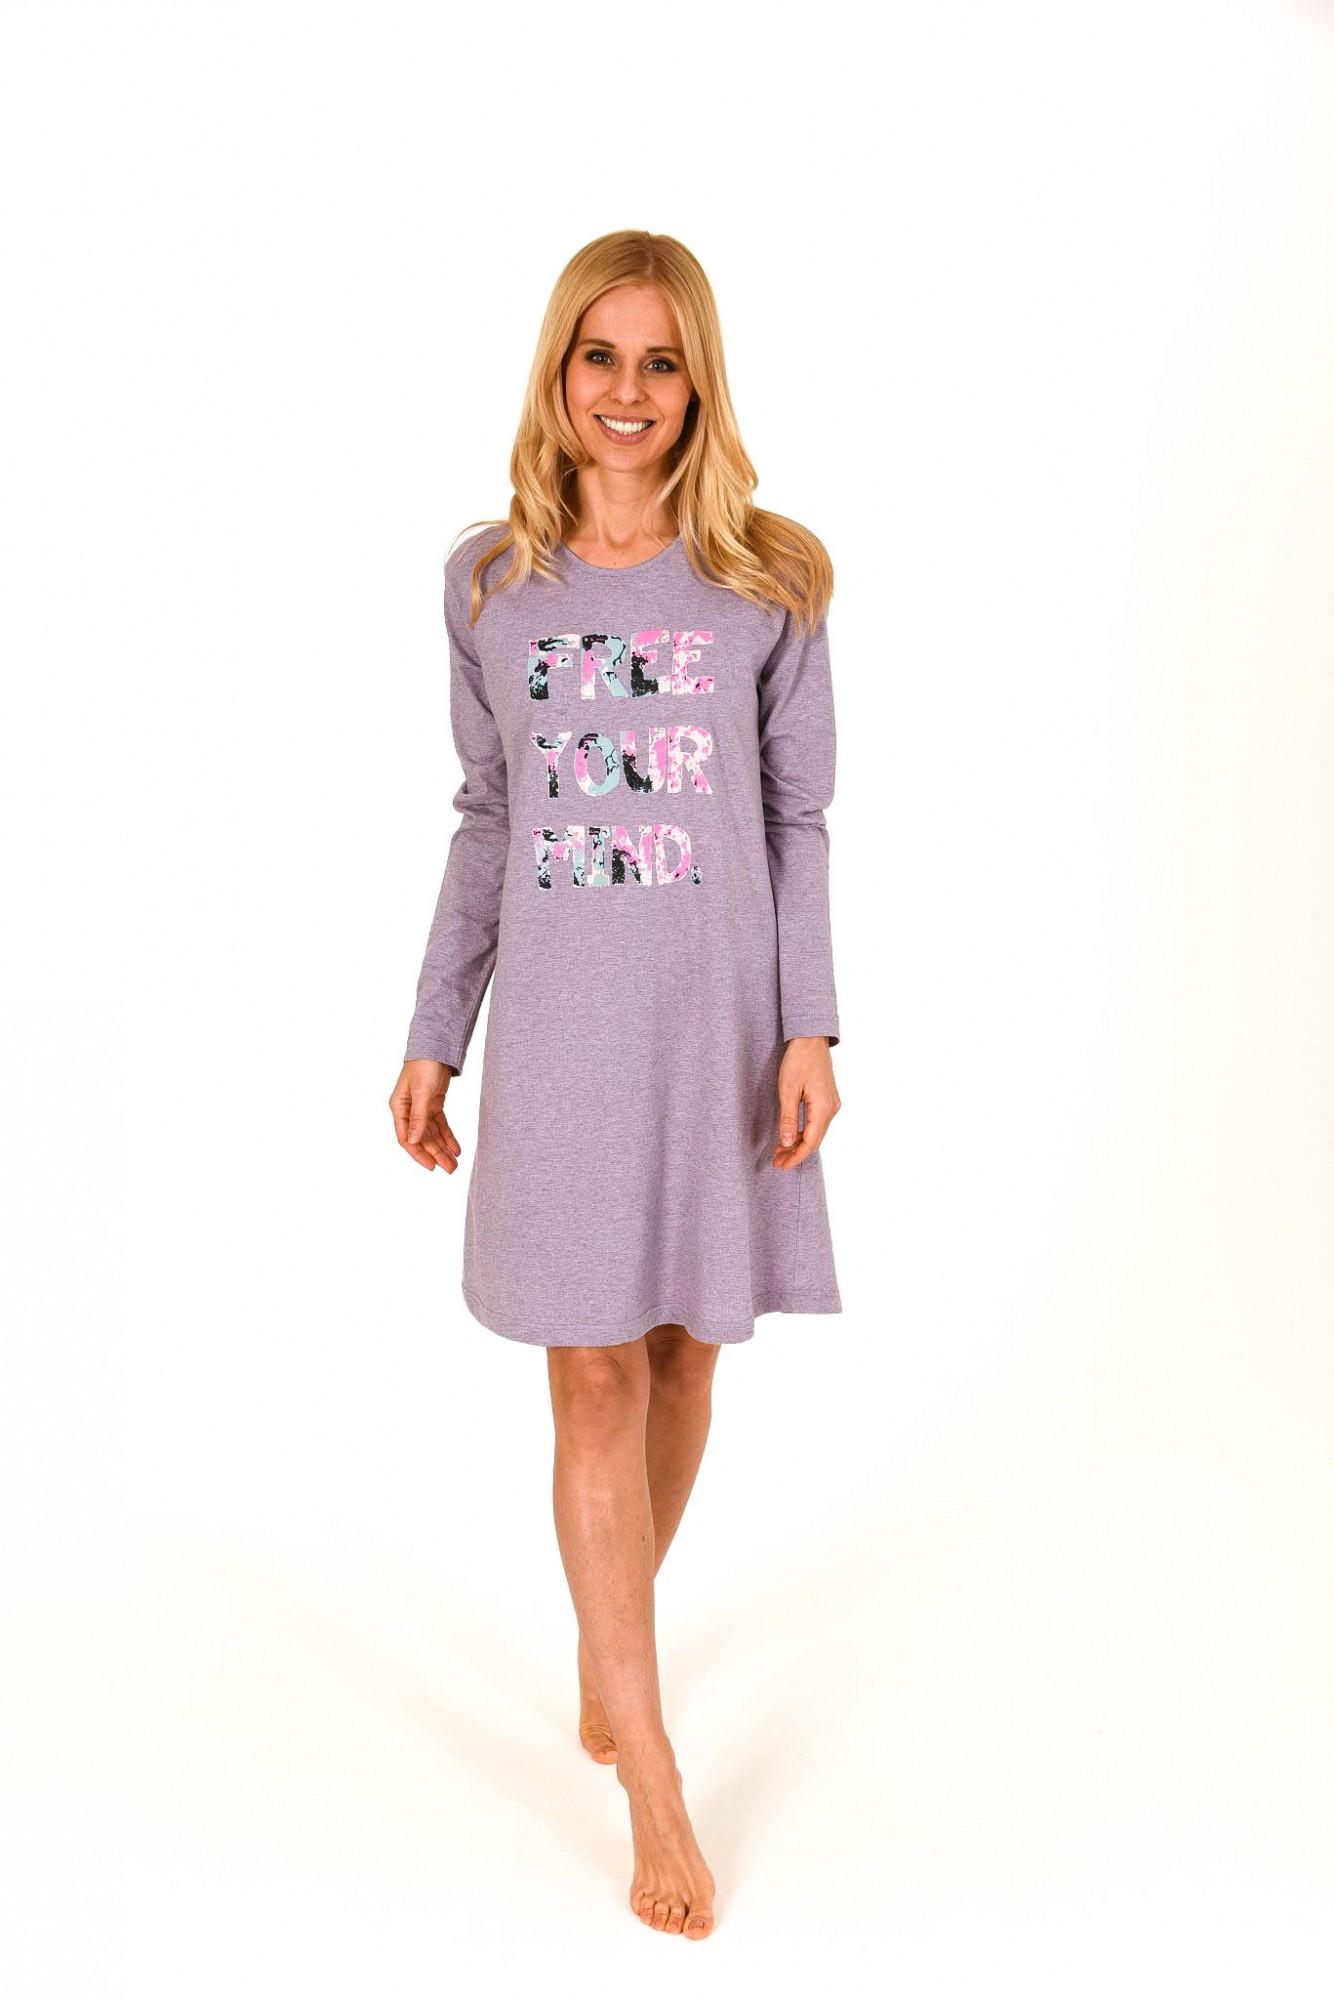 Damen Sleepshirt Nachthemd mit ausgefallenen Schriftzug – 261 213 90 410